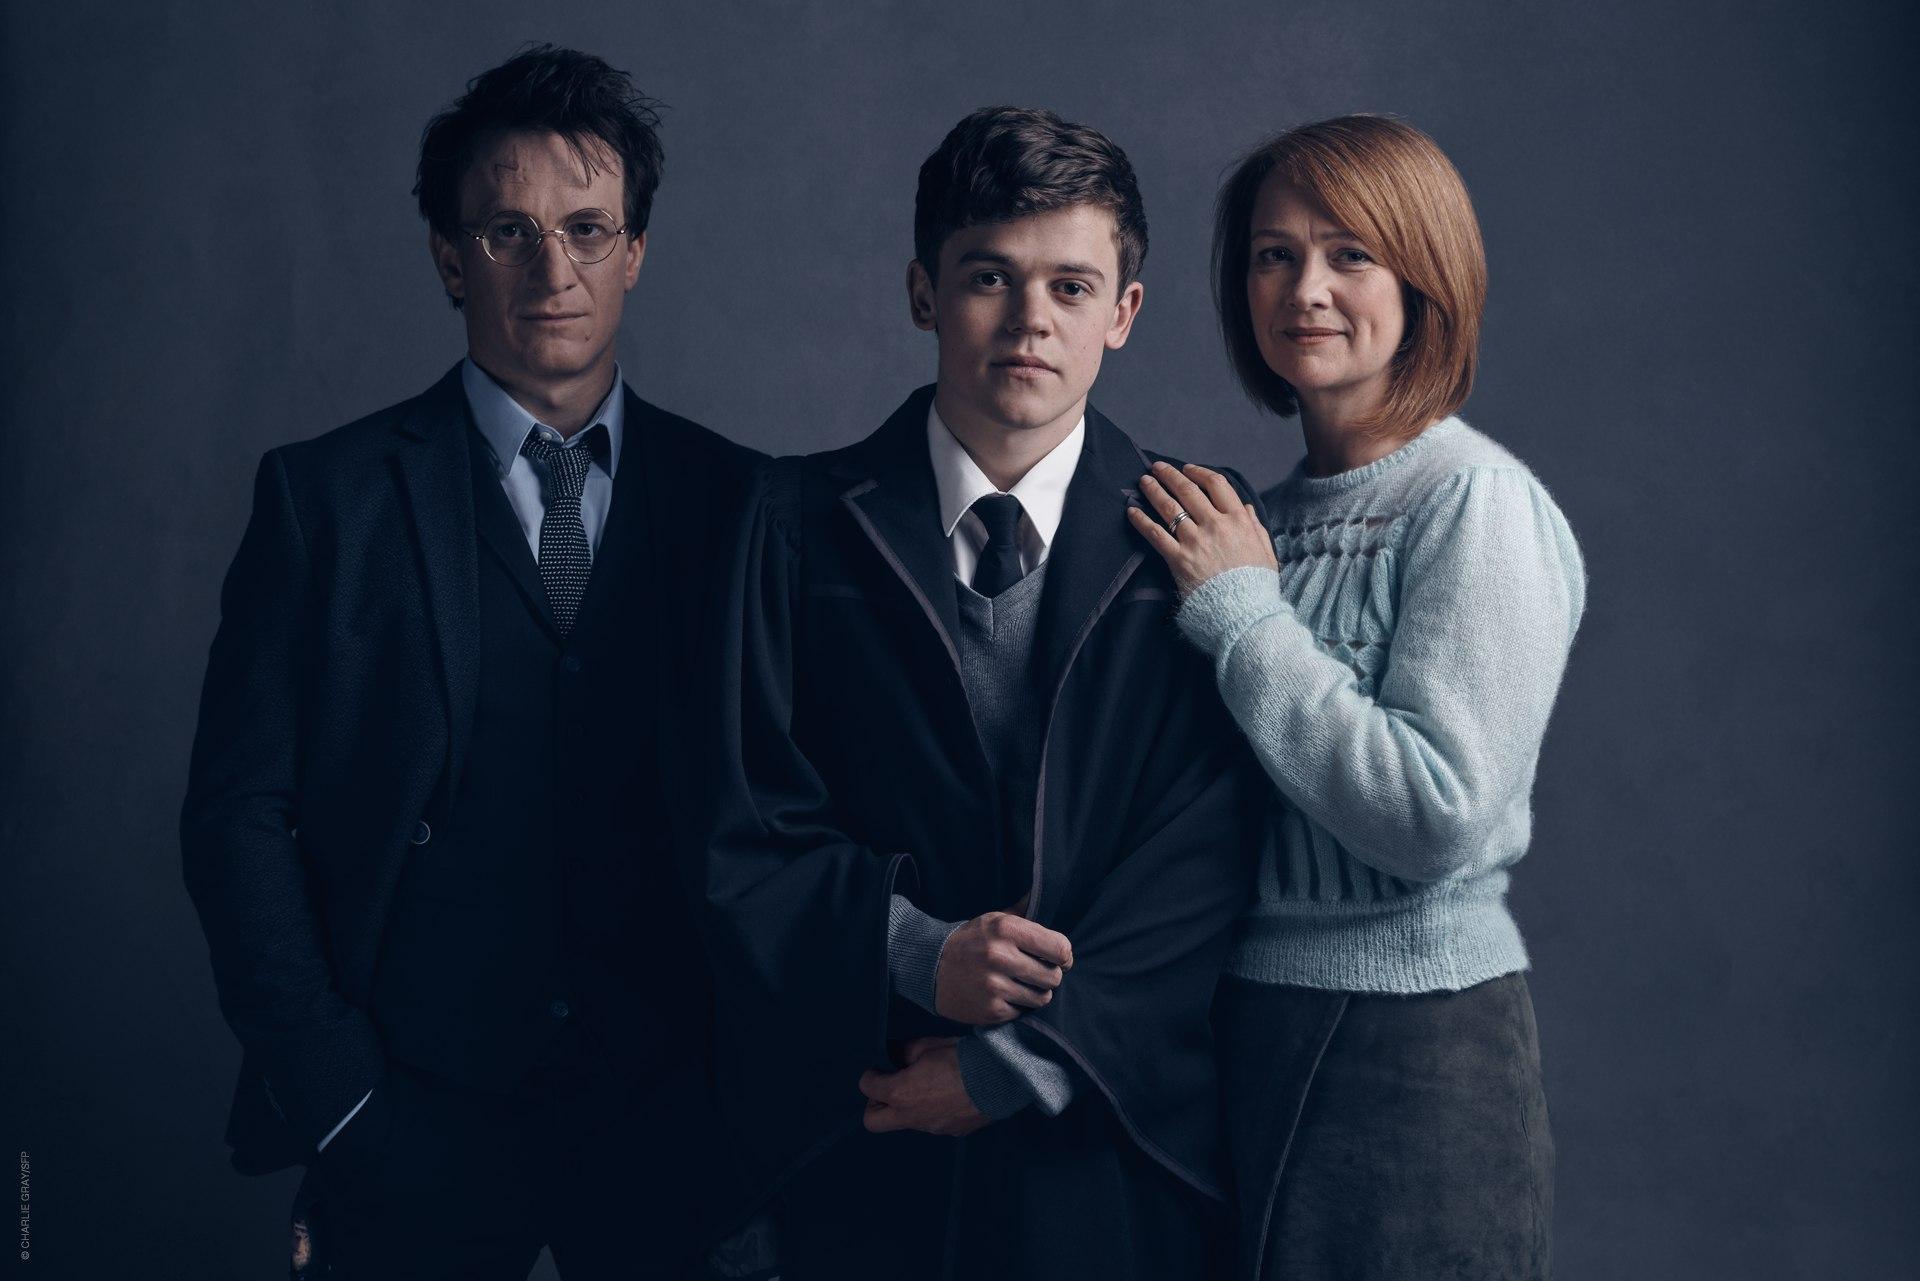 """ТОП-15 фактів про нову книгу """"Гаррі Поттер і прокляте дитя"""" - фото 6"""